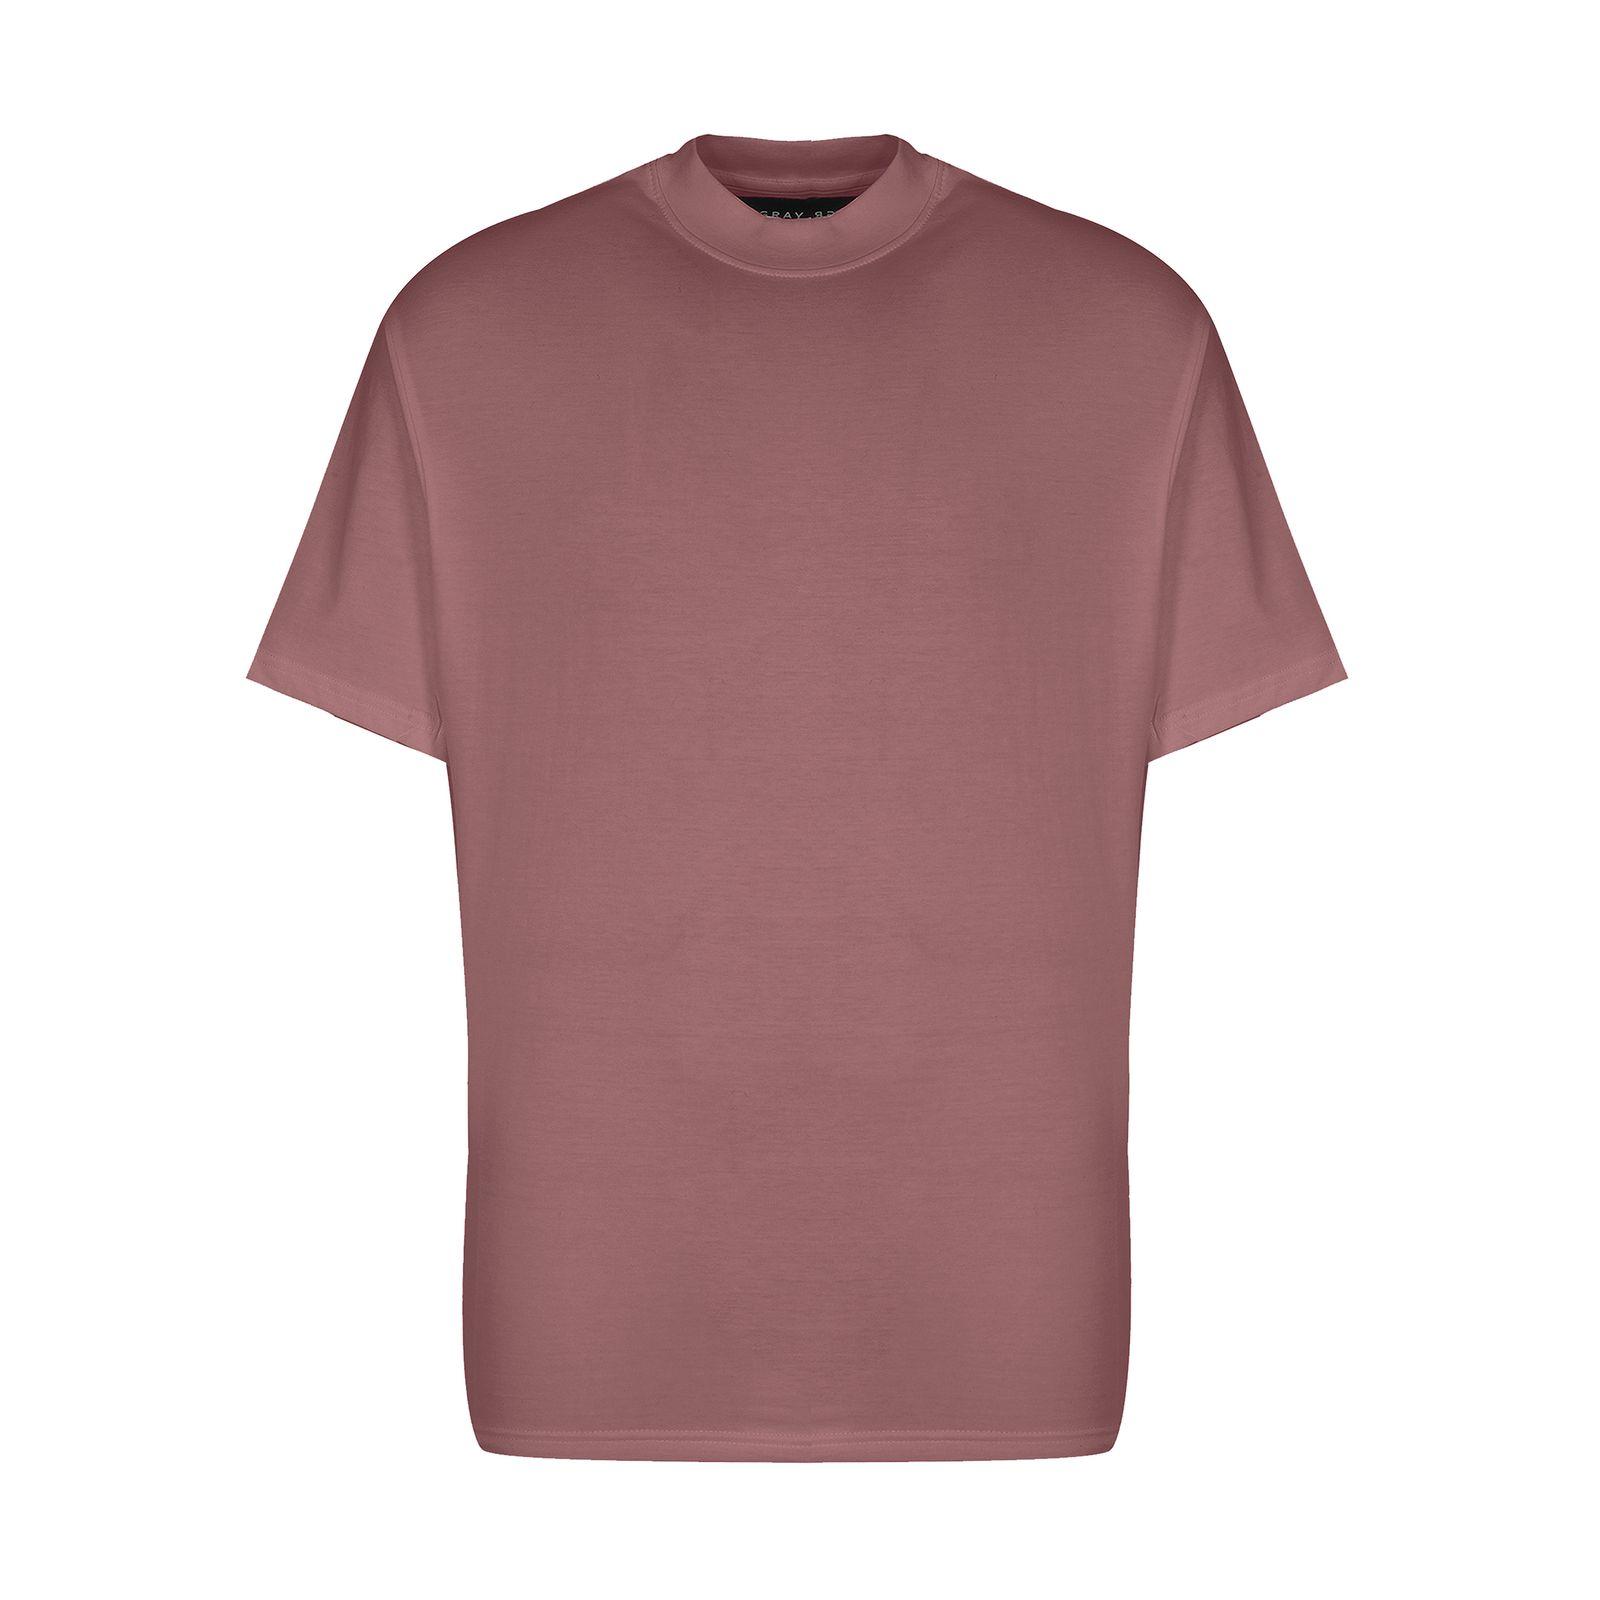 تیشرت آستین کوتاه مردانه گری مدل H36 -  - 2